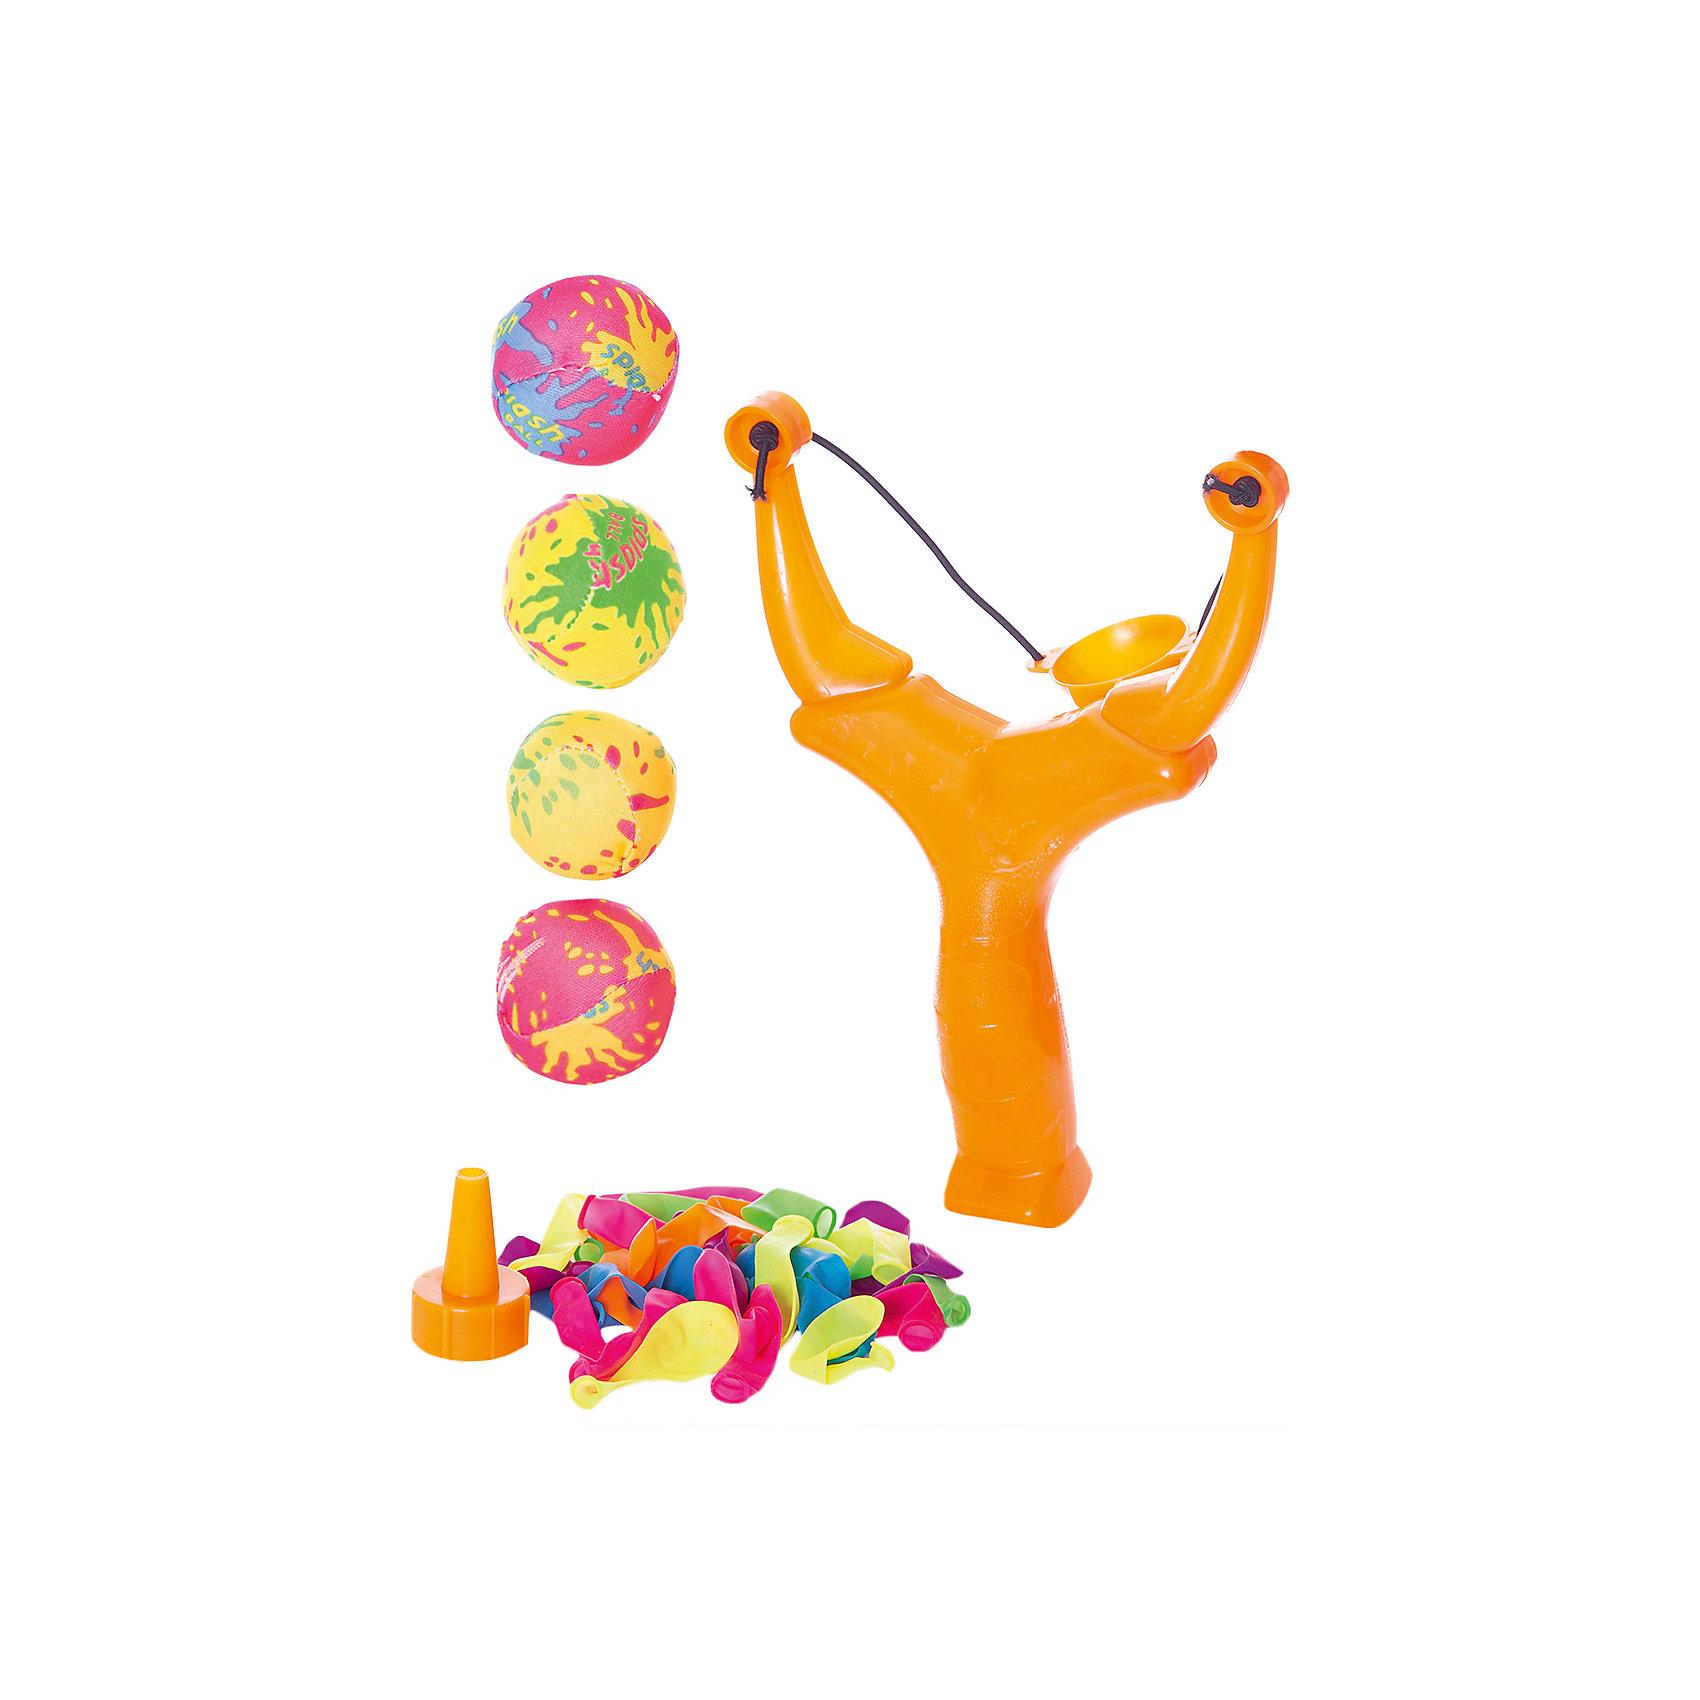 - Детская игра Водяные бомбочки, (шарики 30 шт., бомбочки 4 шт., рогатка, воронка, сумка), YG Sport детская игра стрельба из лука c мишенью и колчаном yg sport